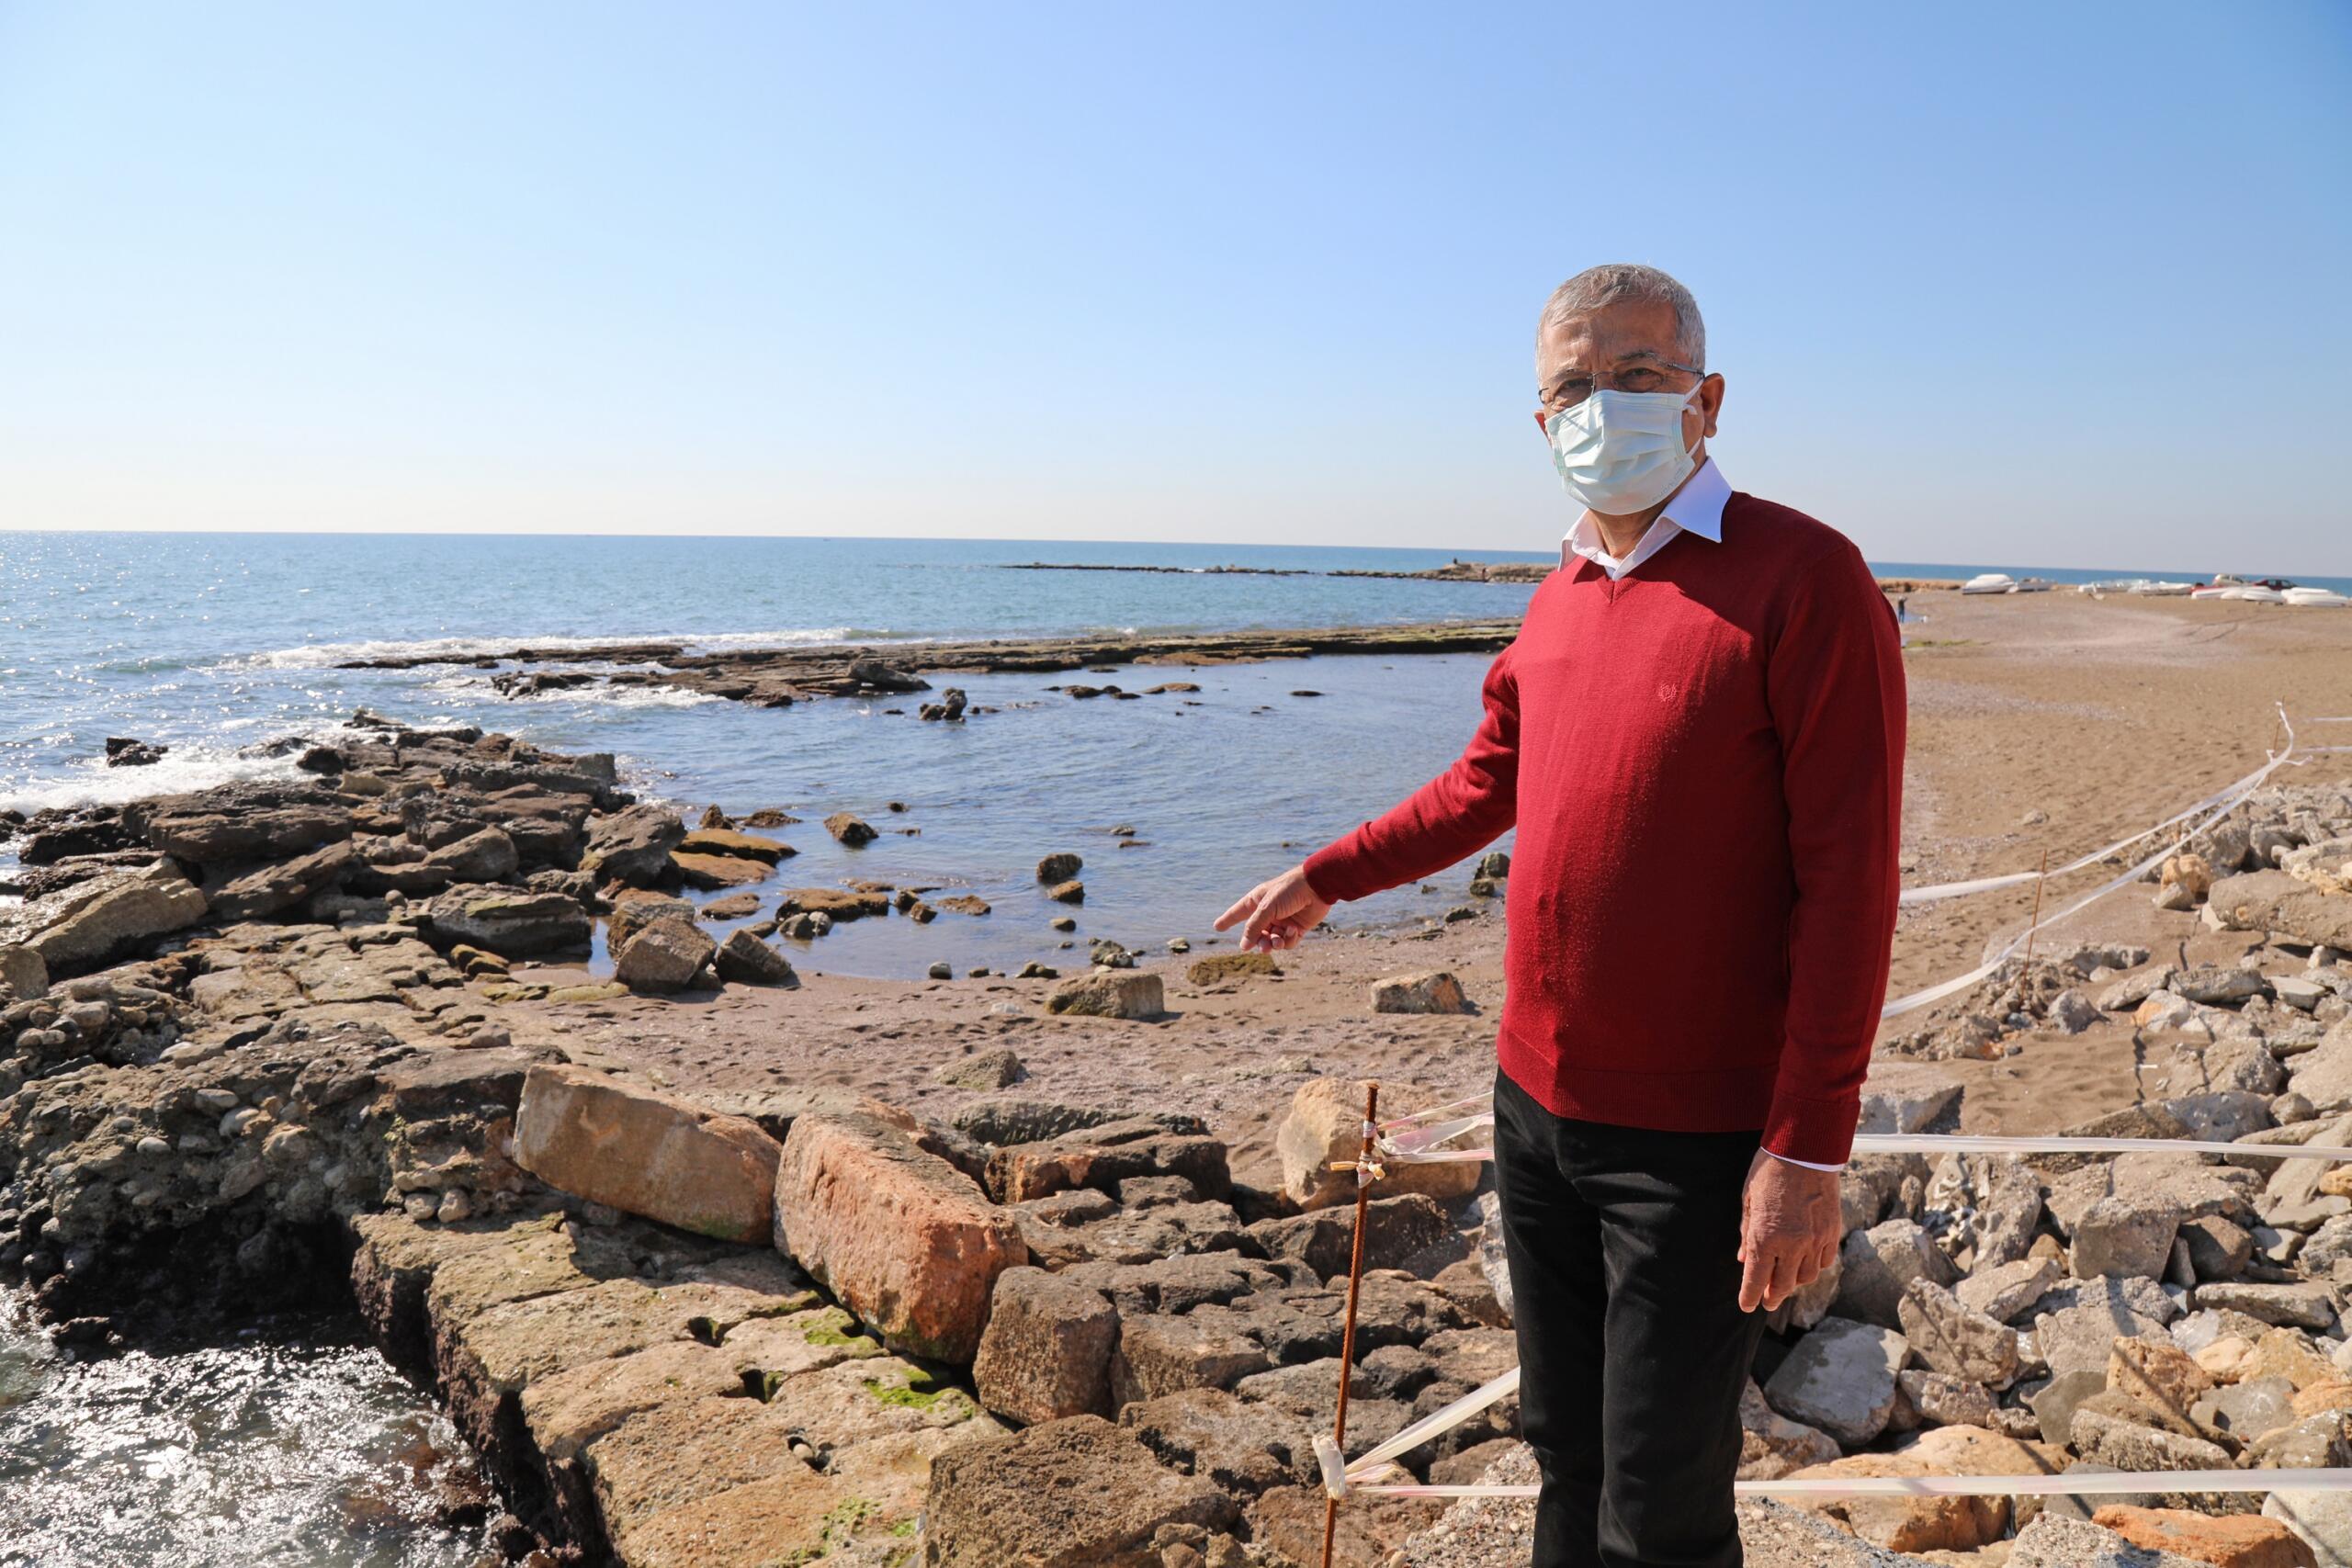 Deniz çekildi antik liman ortaya çıktı